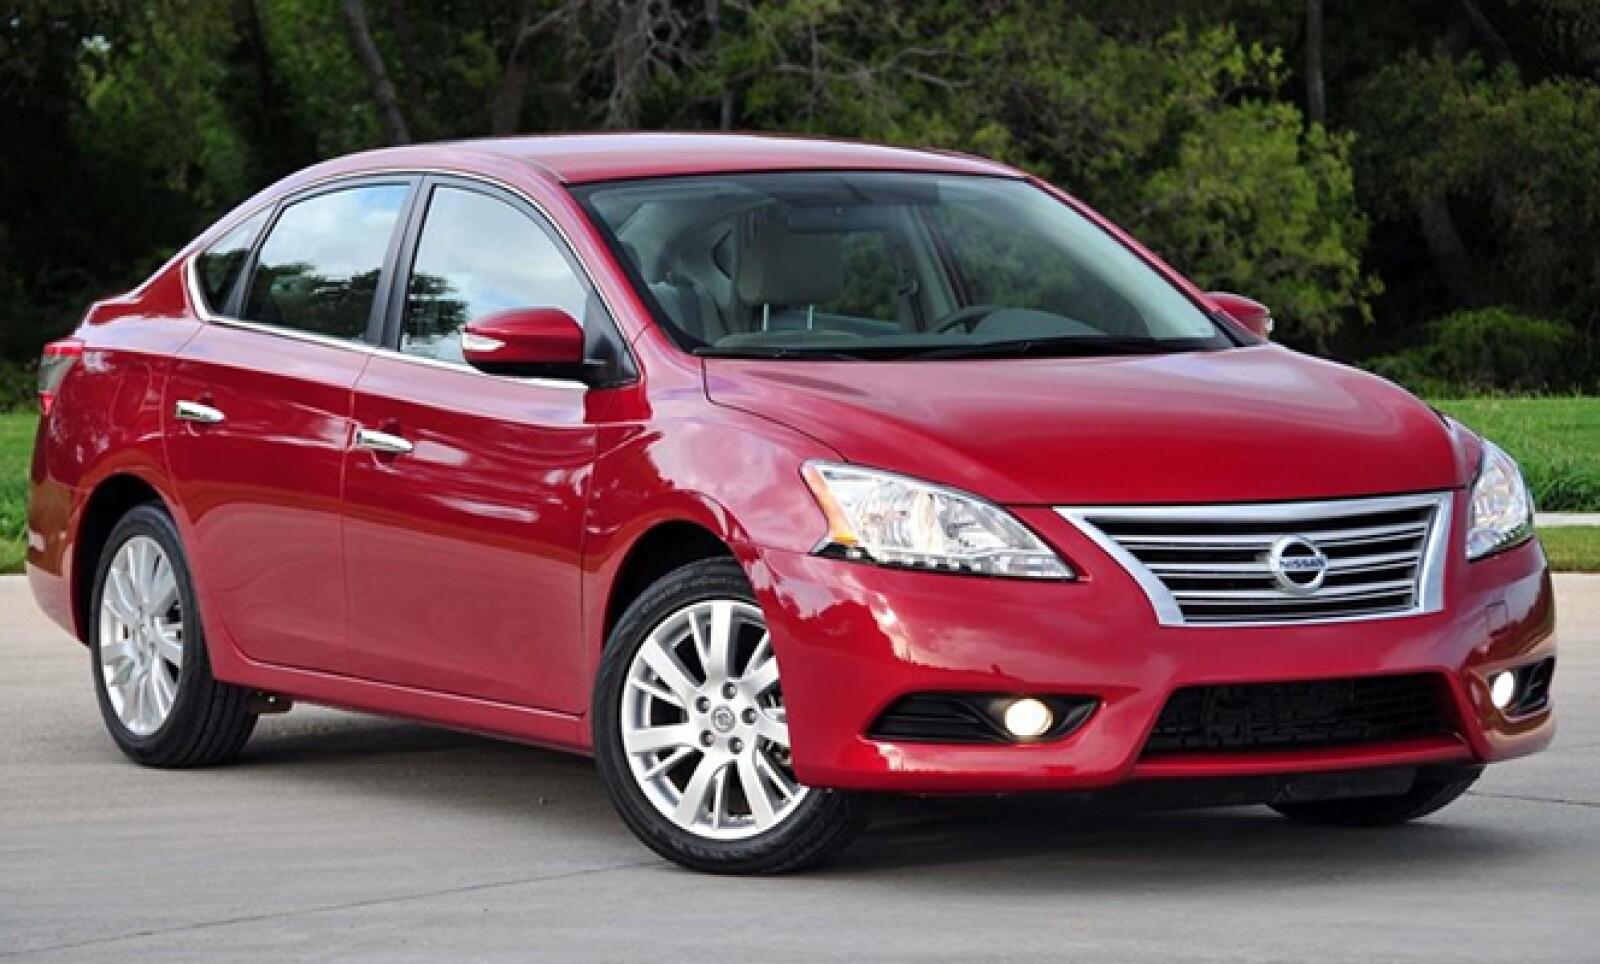 El modelo Sentra de Nissan presenta un defecto en el software que activa las bolsas de aire.